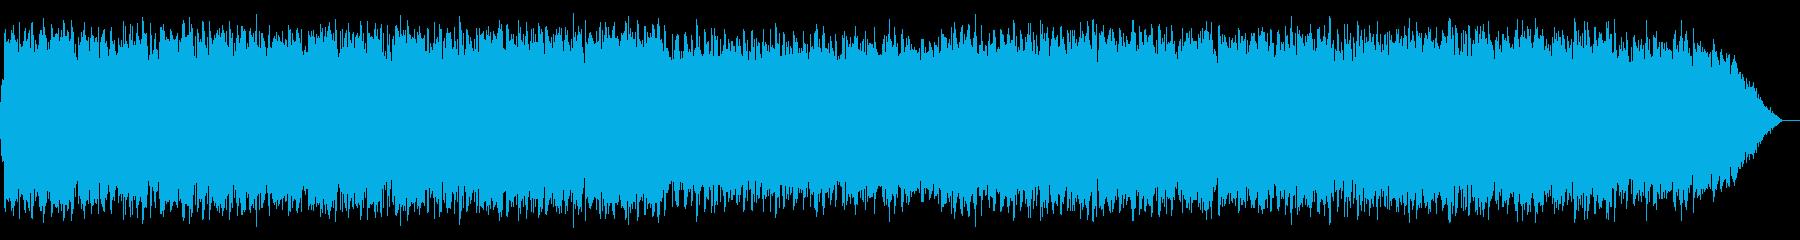 エスニックな竹笛の音楽の再生済みの波形